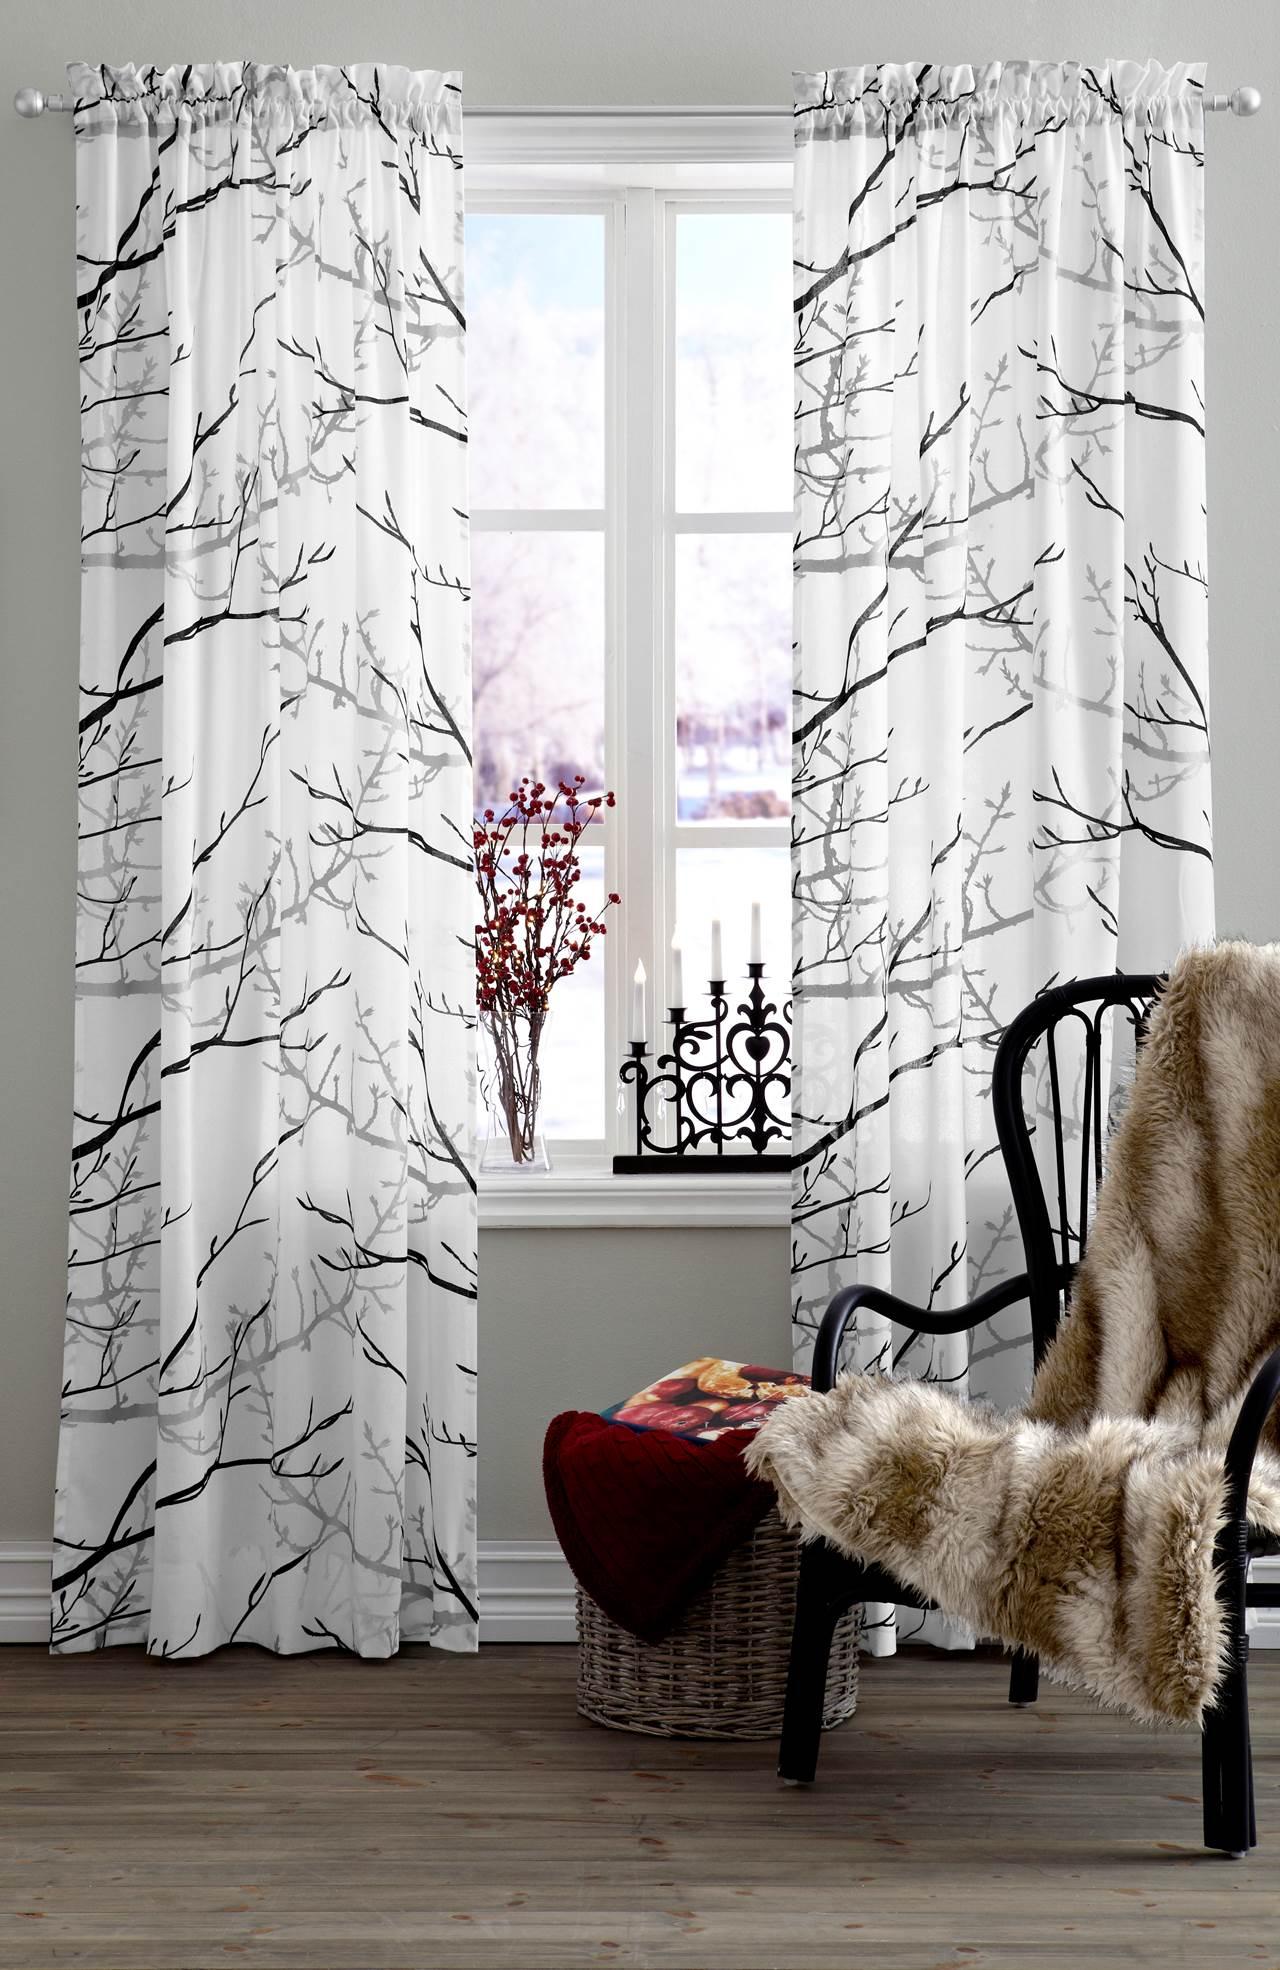 cellbes gardiner Grenverk på höstens och julens gardiner | My Surface Book cellbes gardiner